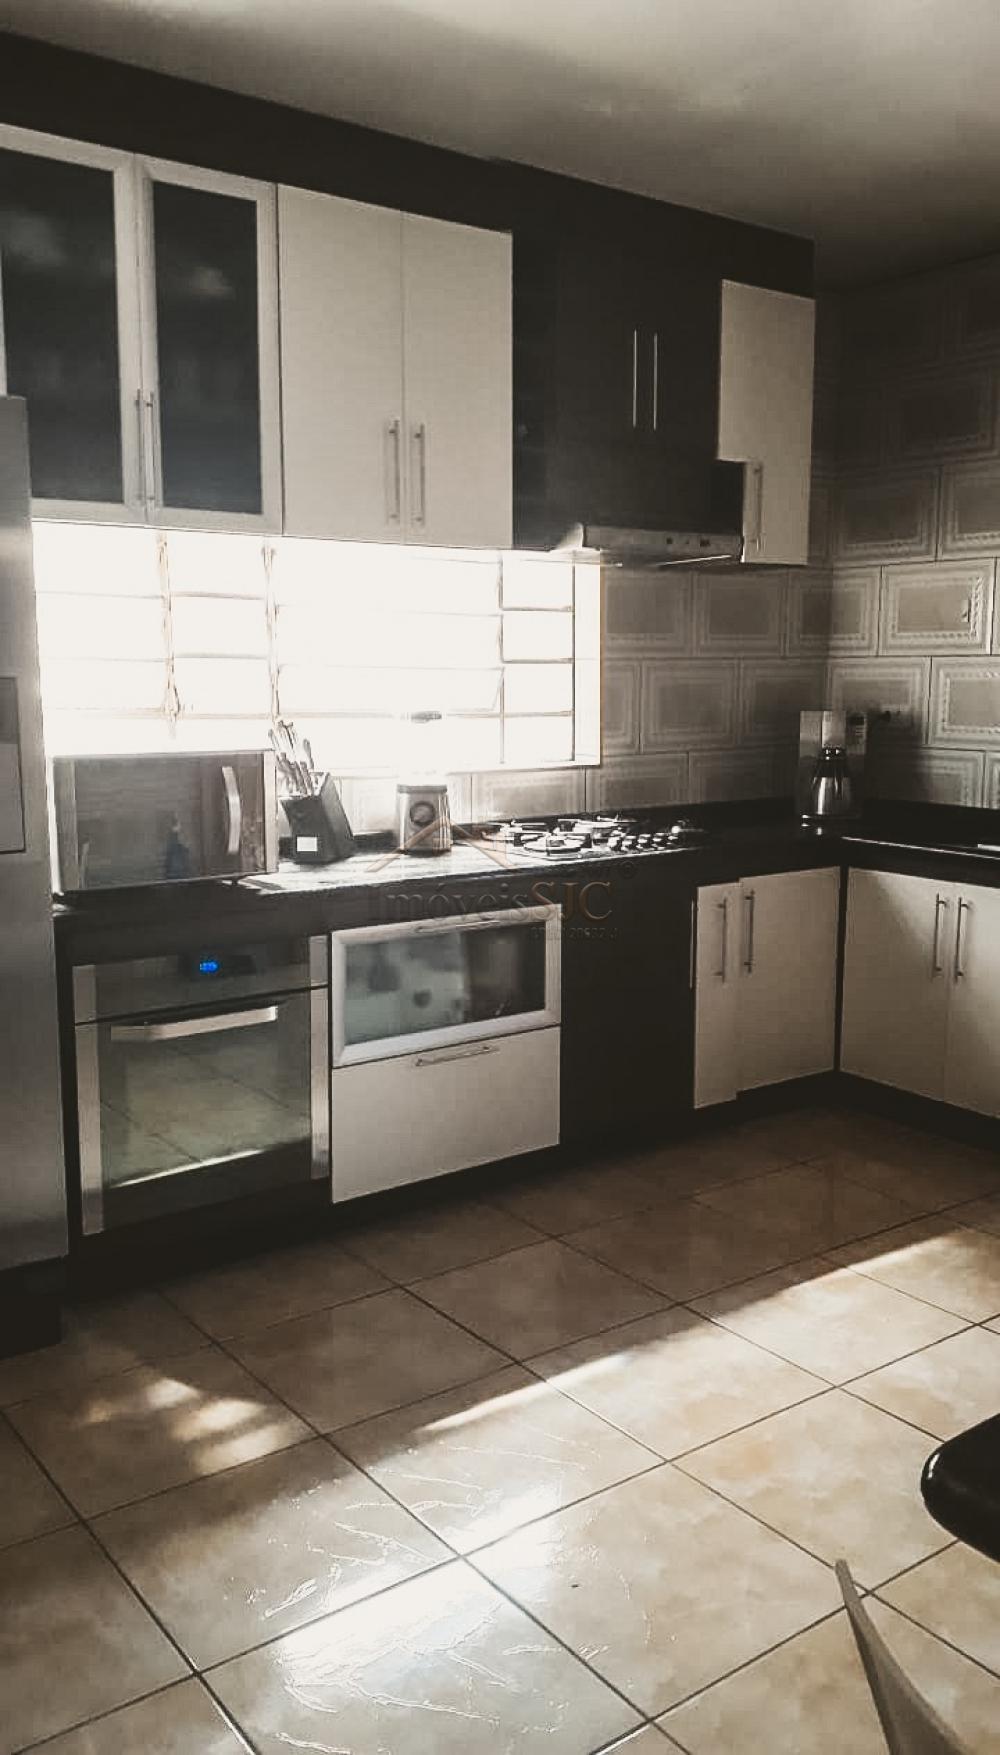 Comprar Casas / Padrão em São José dos Campos apenas R$ 410.000,00 - Foto 6